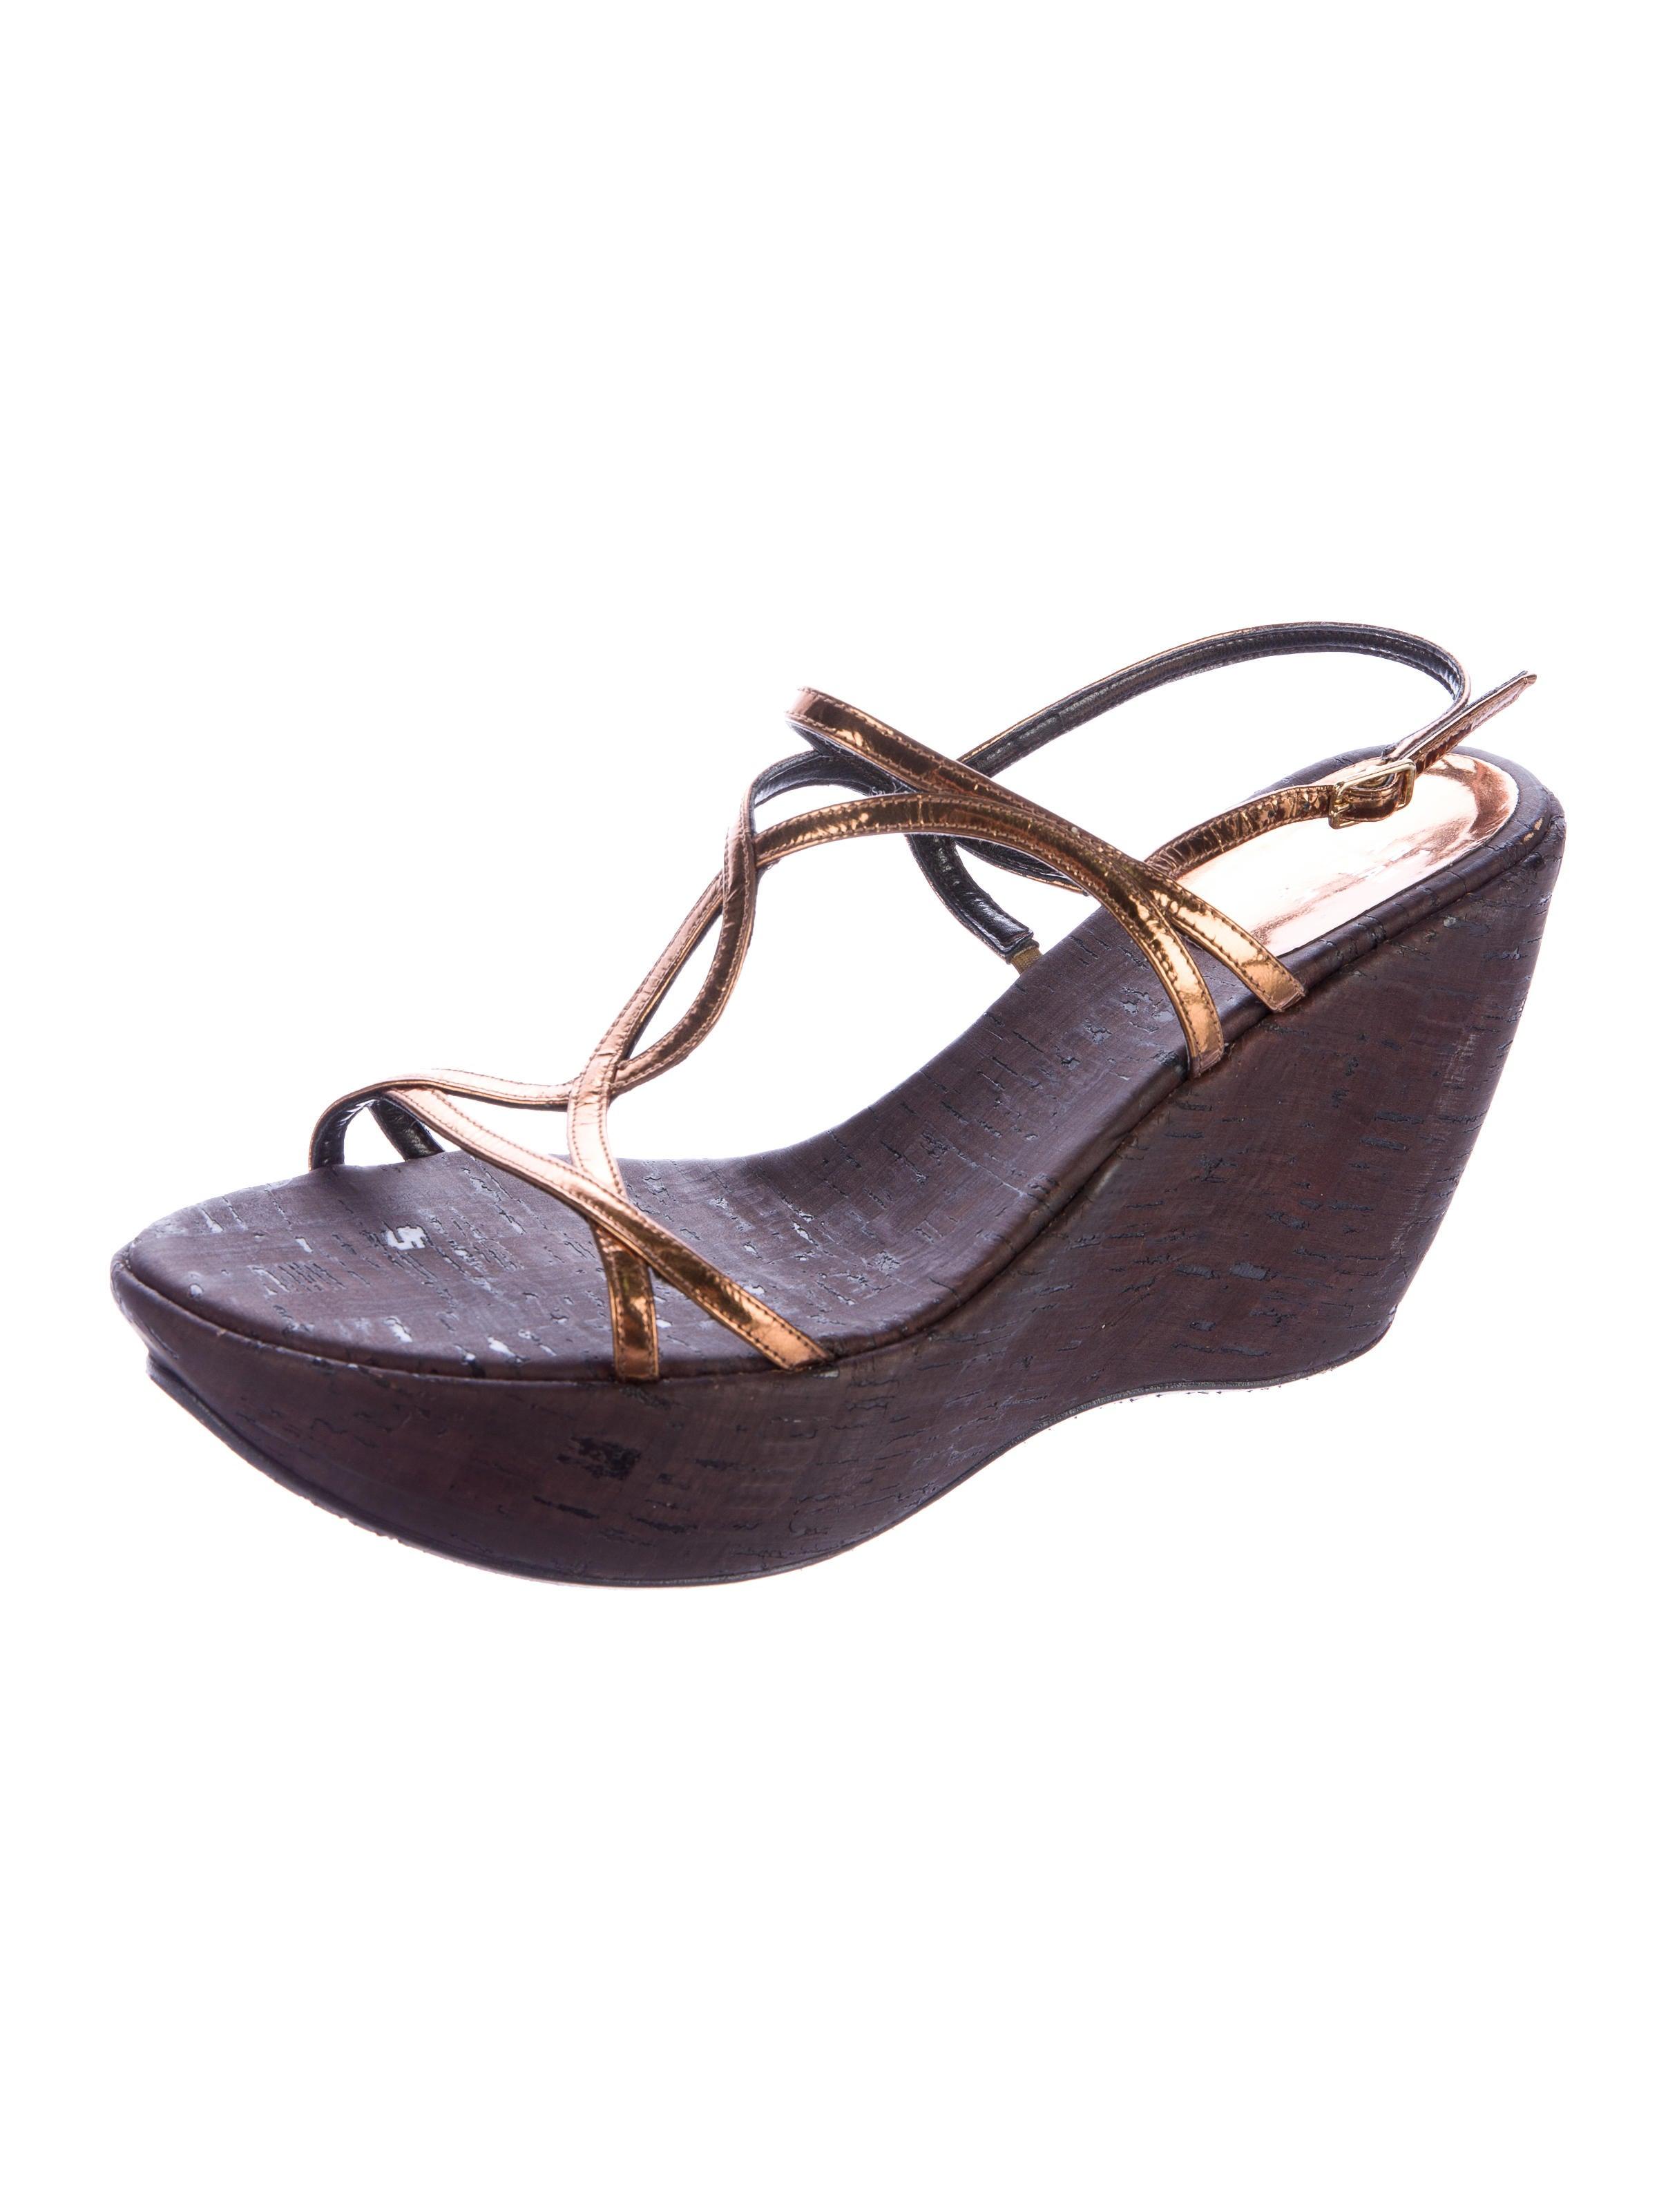 stuart weitzman metallic wedge sandals shoes wsu29611